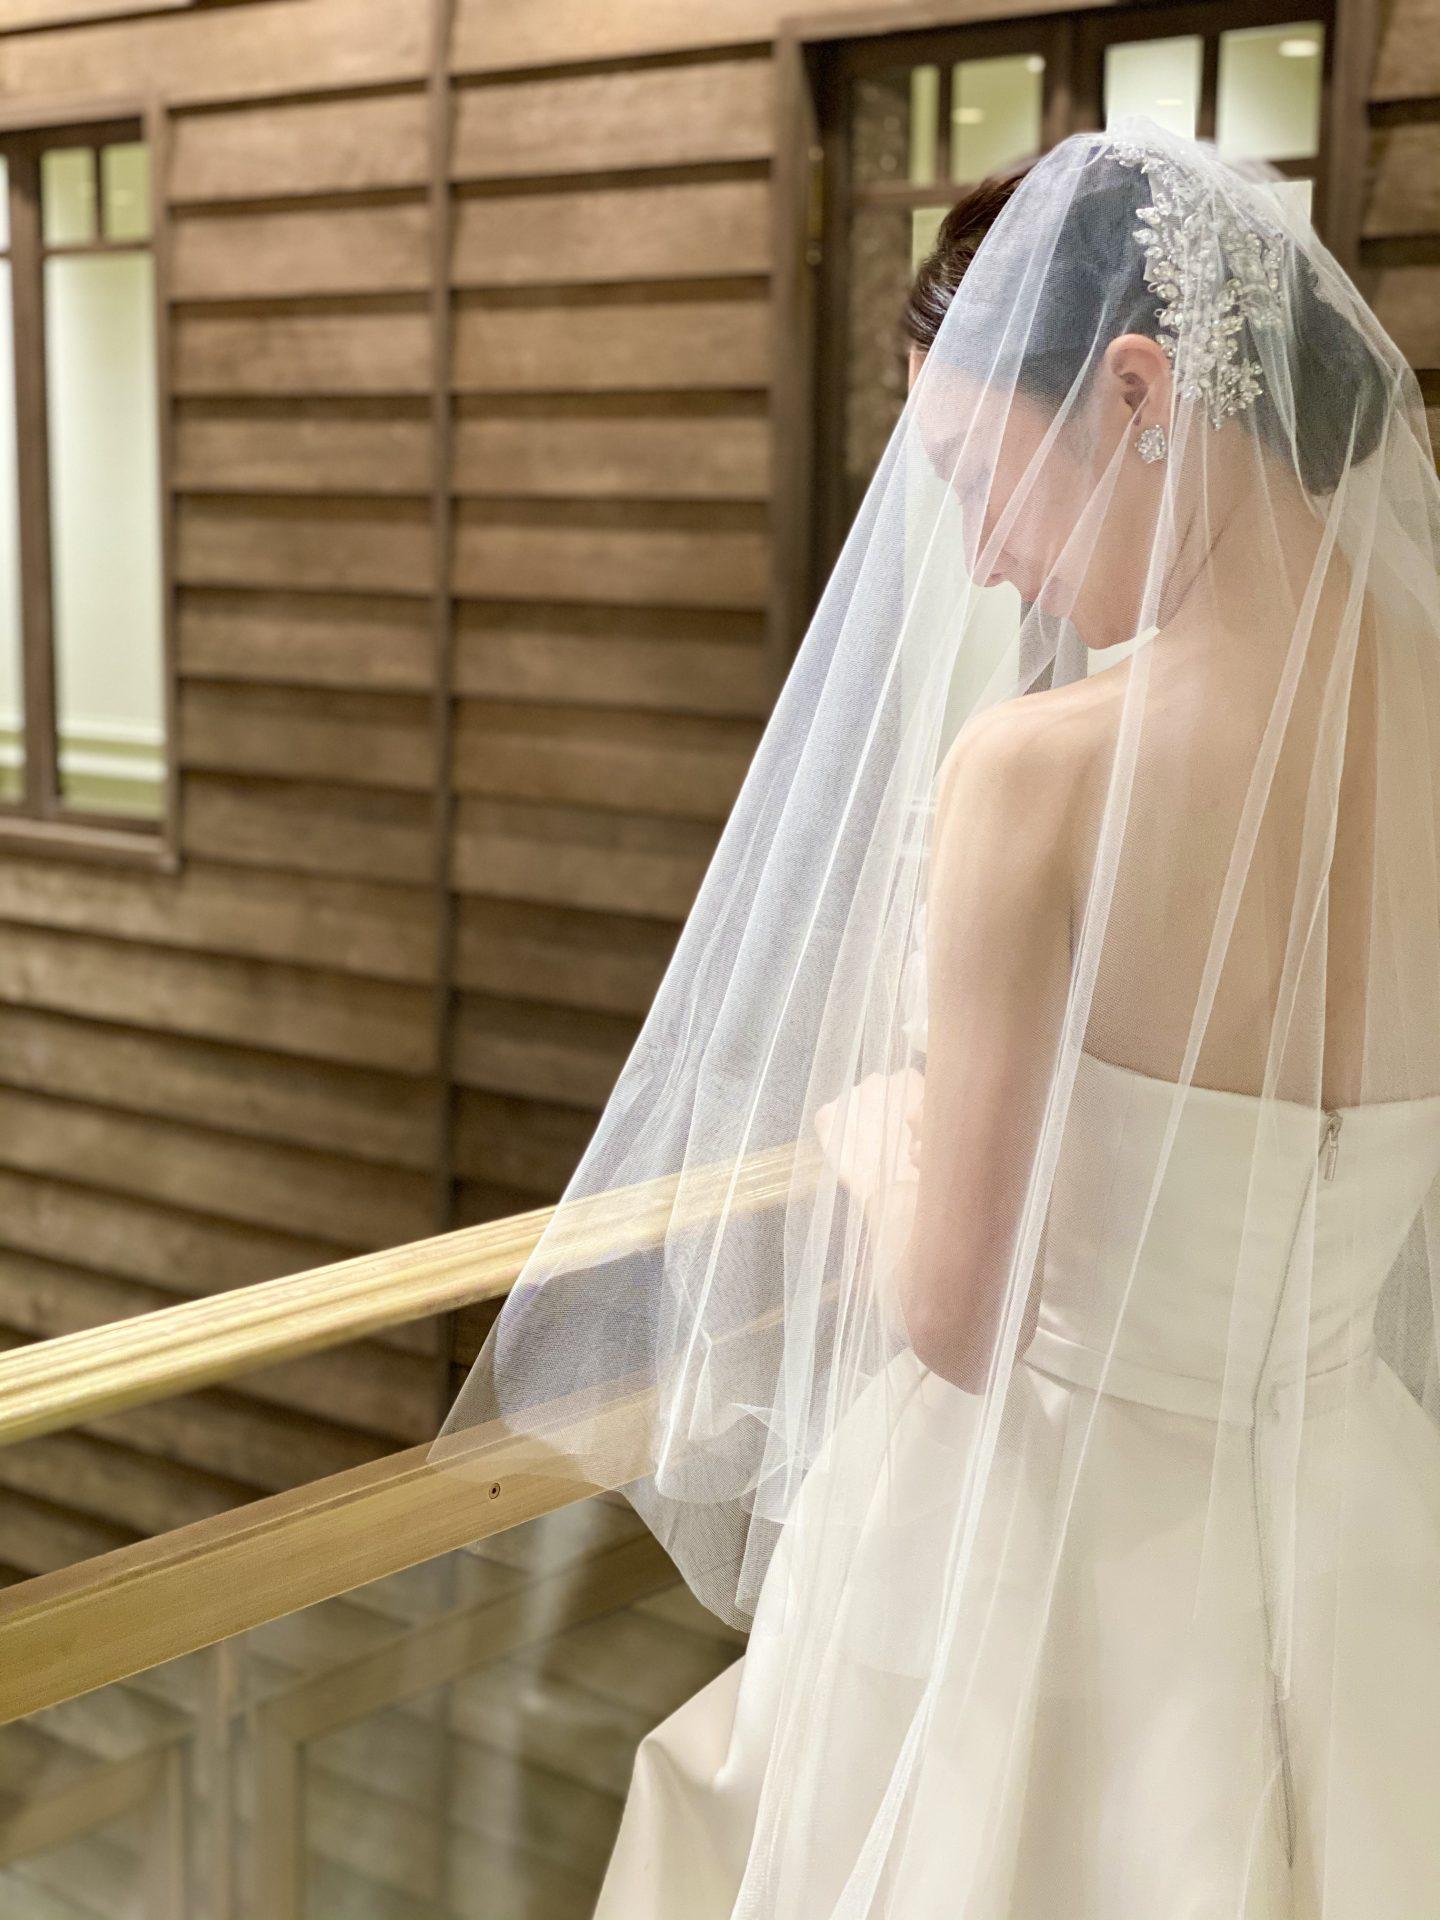 ヴィクター・アンド・ロルフからご紹介するハリ素材のプリンセスラインのウェディングドレス